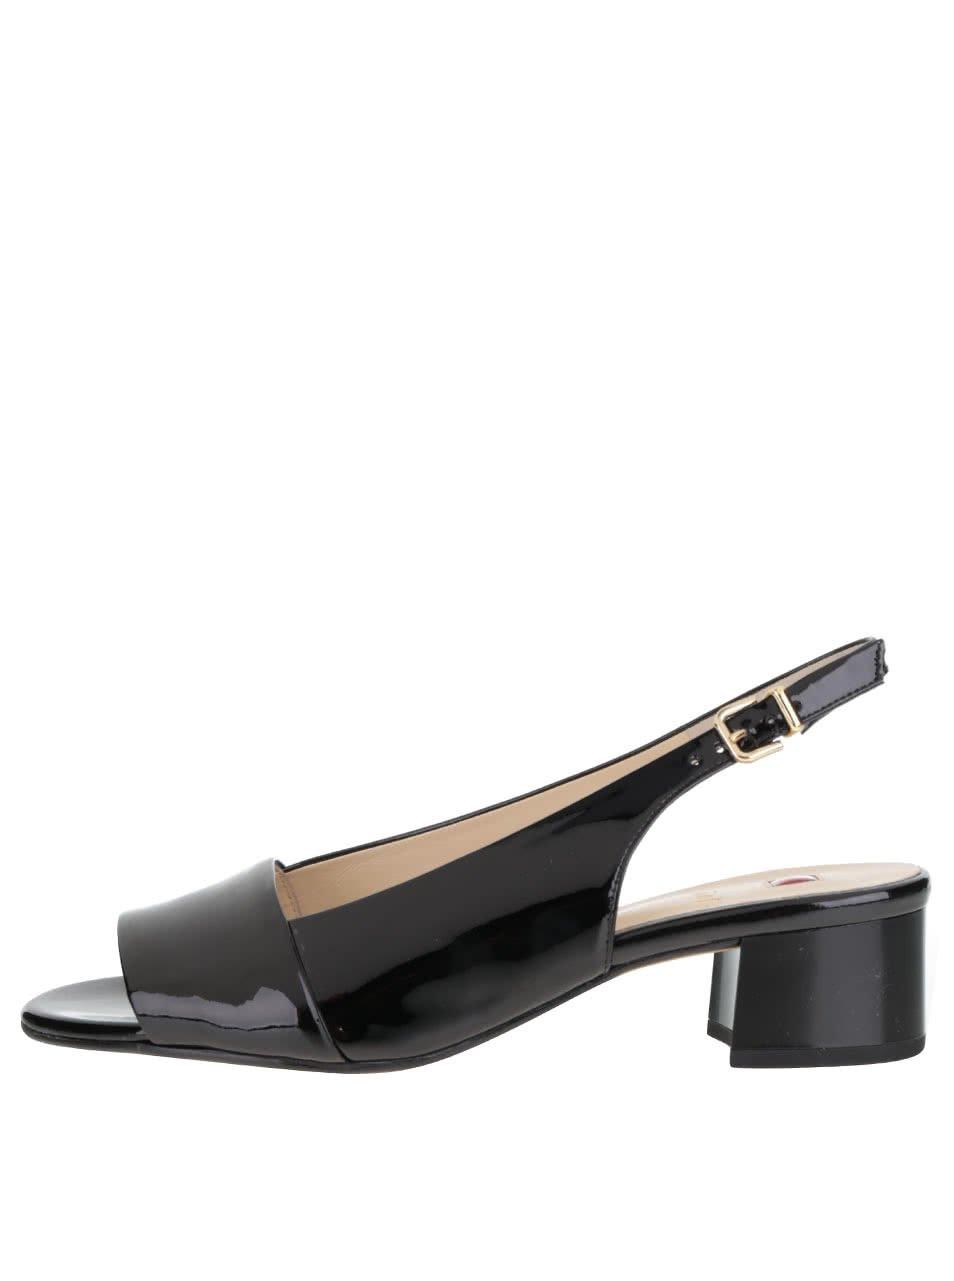 Černé kožené lesklé sandálky na podpatku Högl